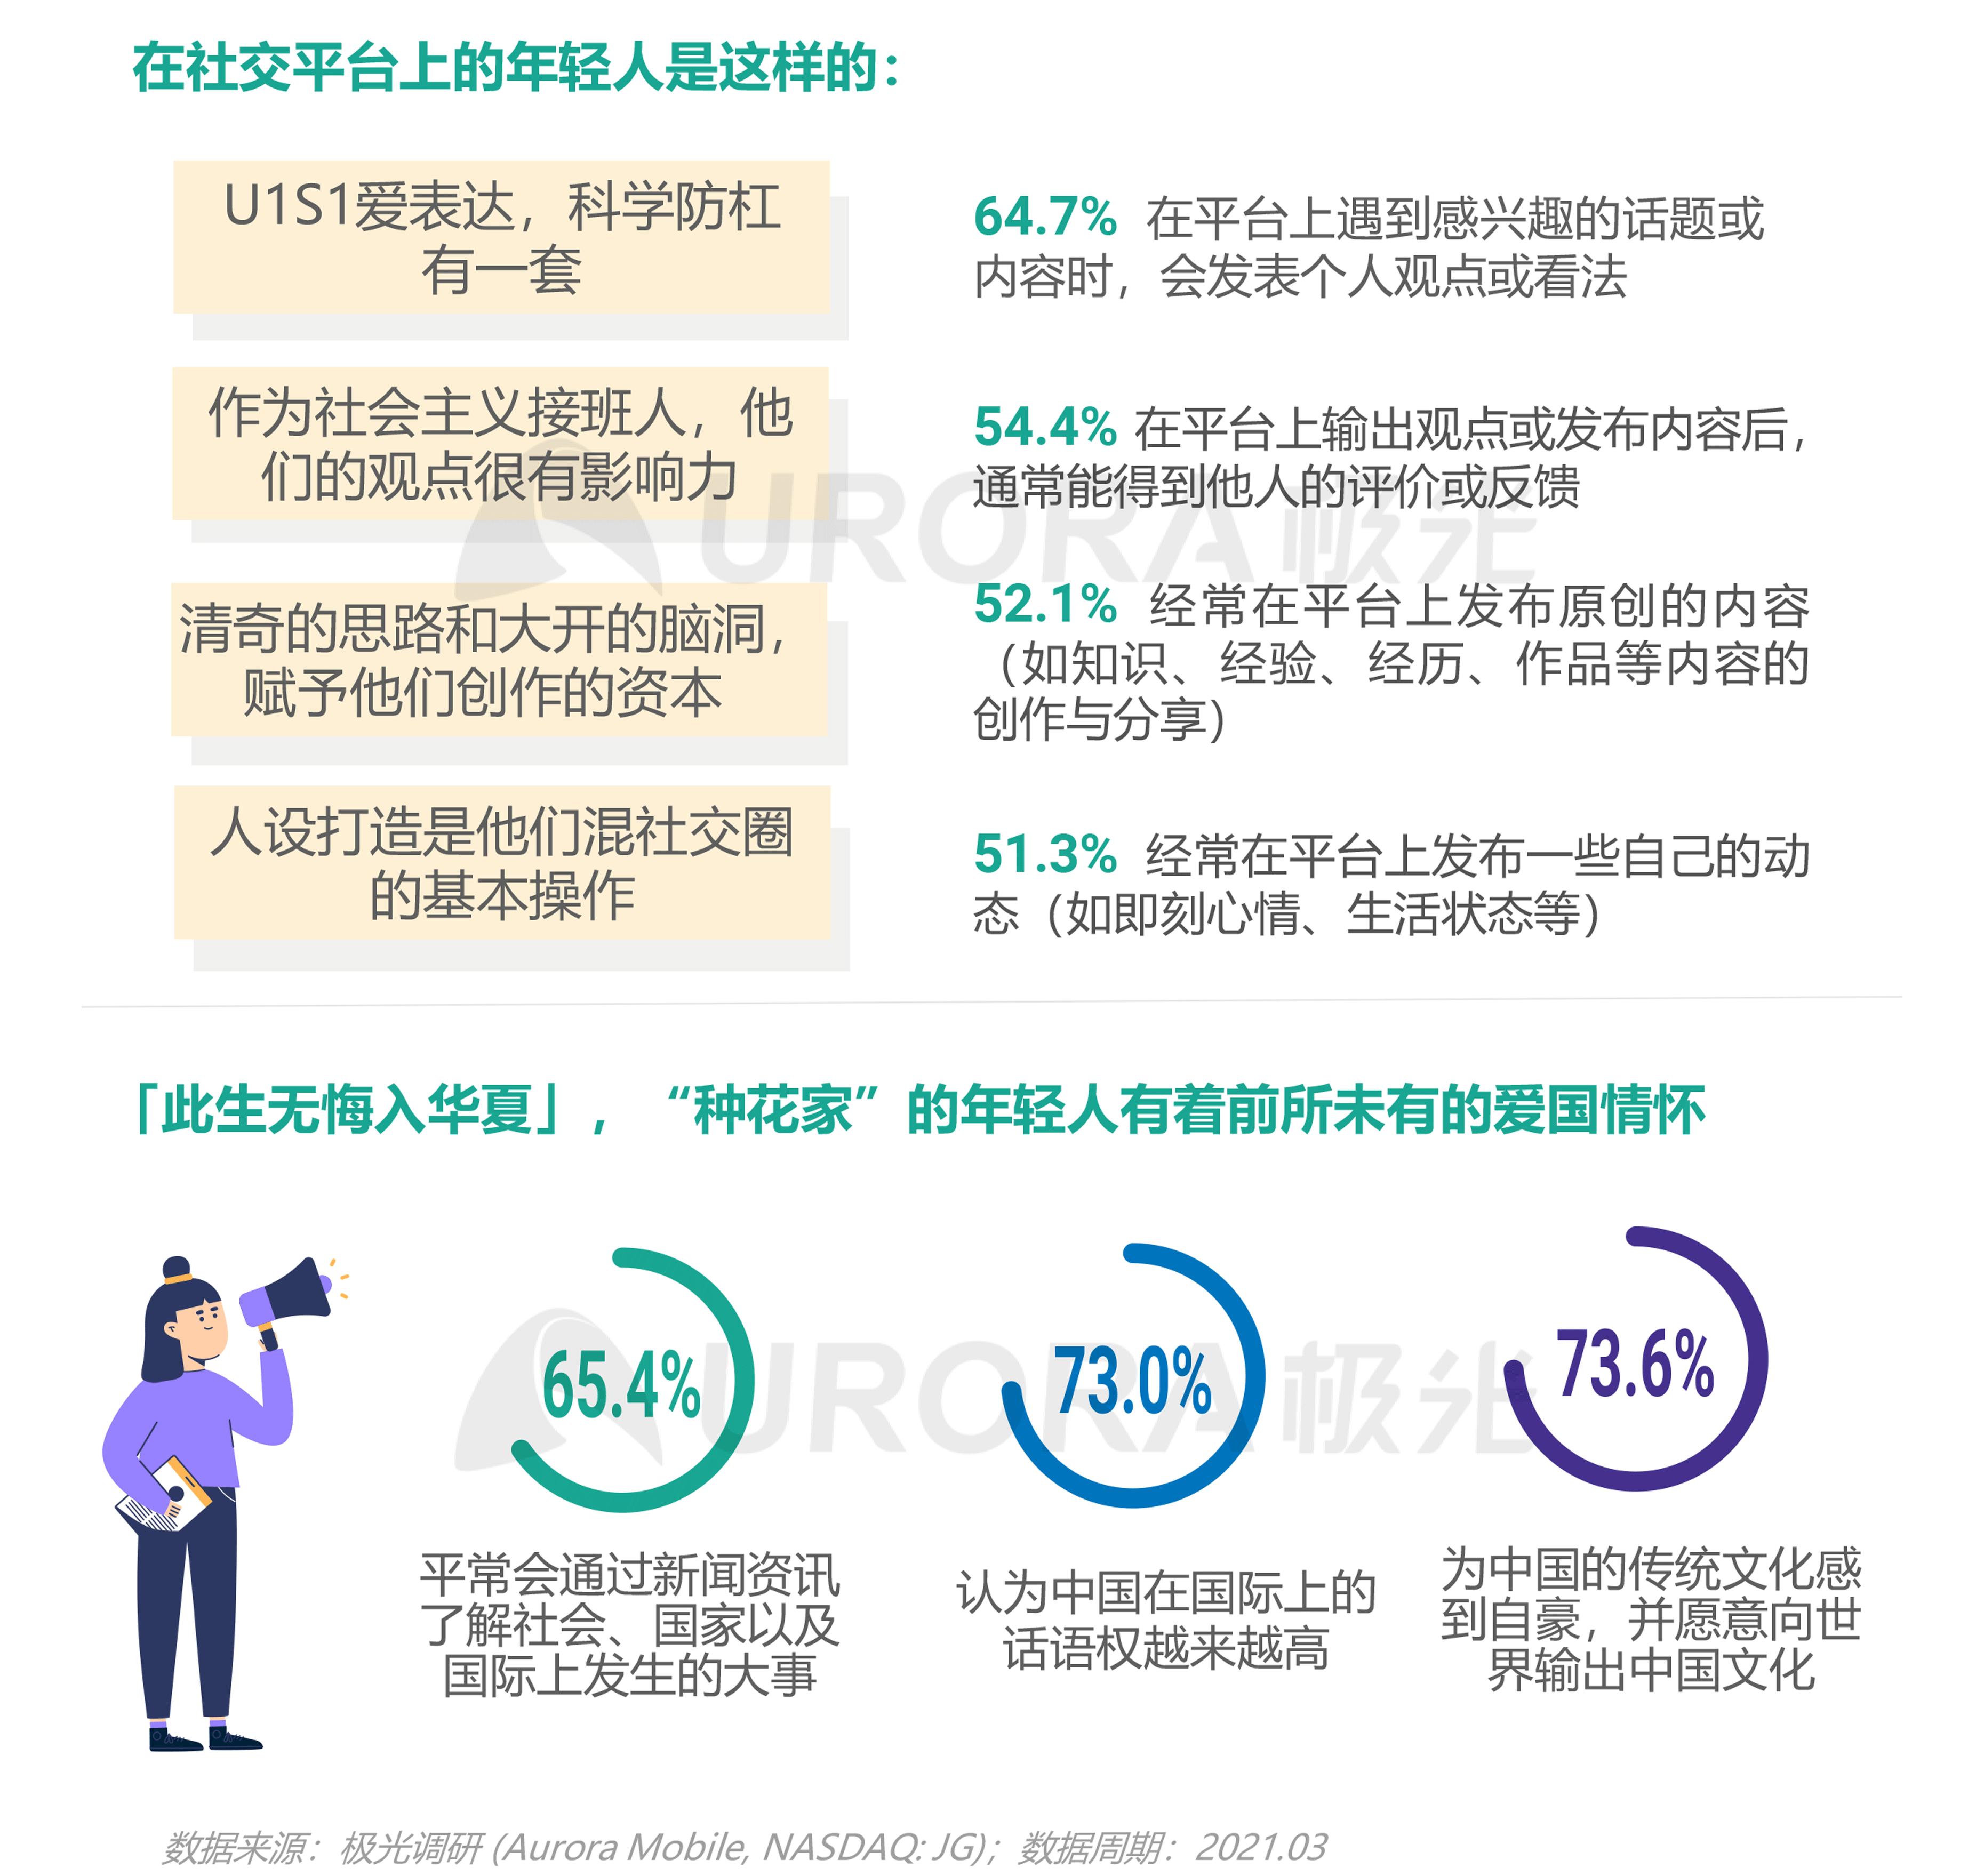 2021年轻人营销趋势研究报告【定稿】-8.png